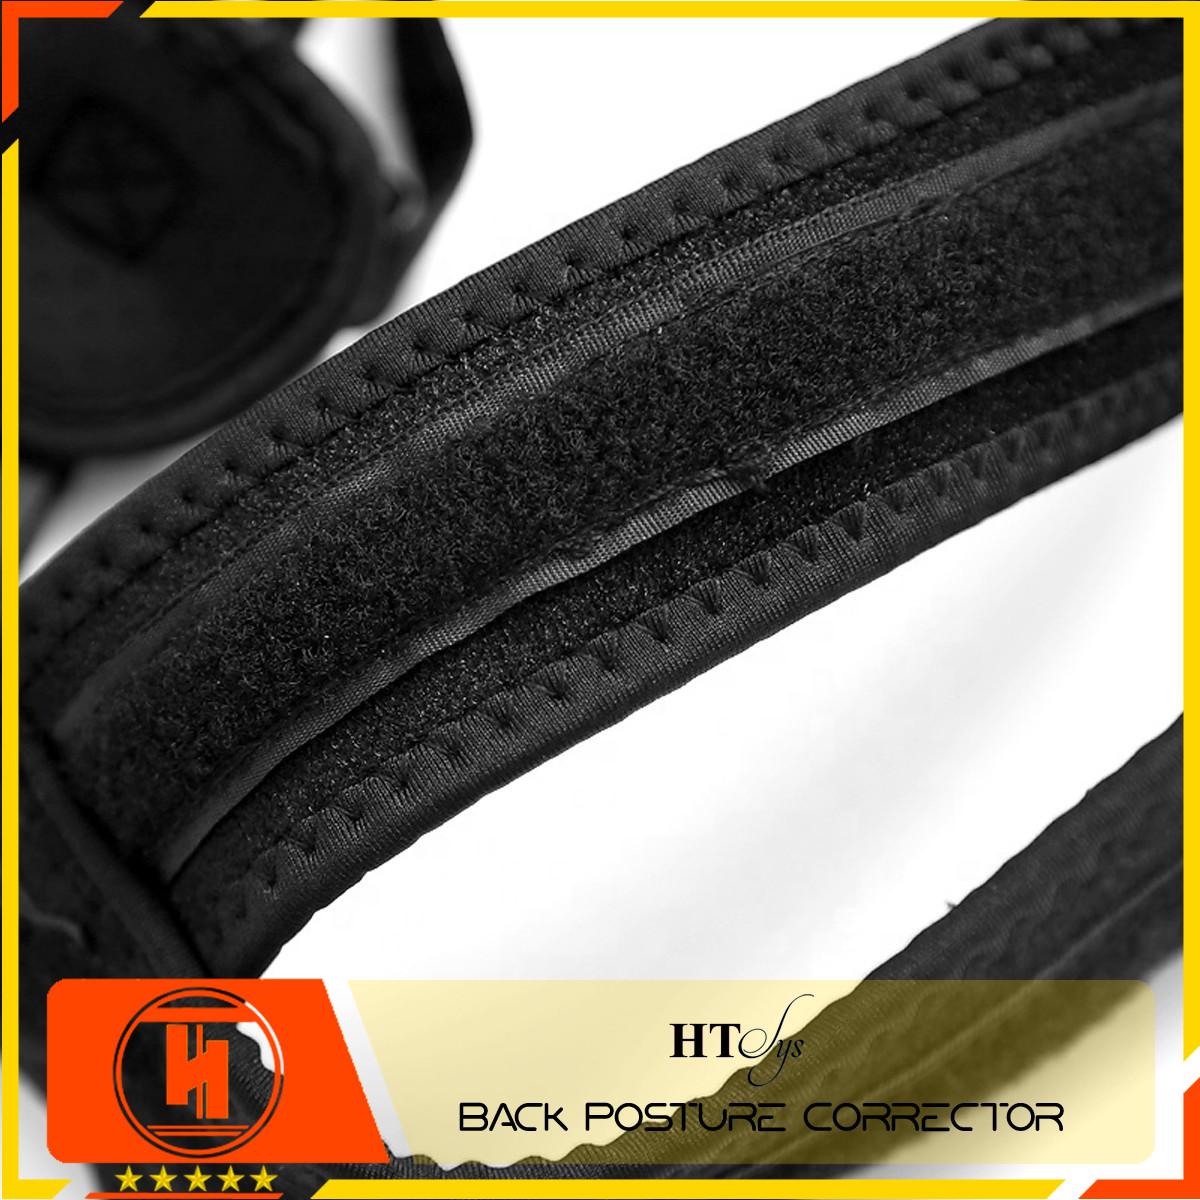 Đai chống gù lưng cao cấp HT SYS Back Posture Corrector - Freesize - Màu đen